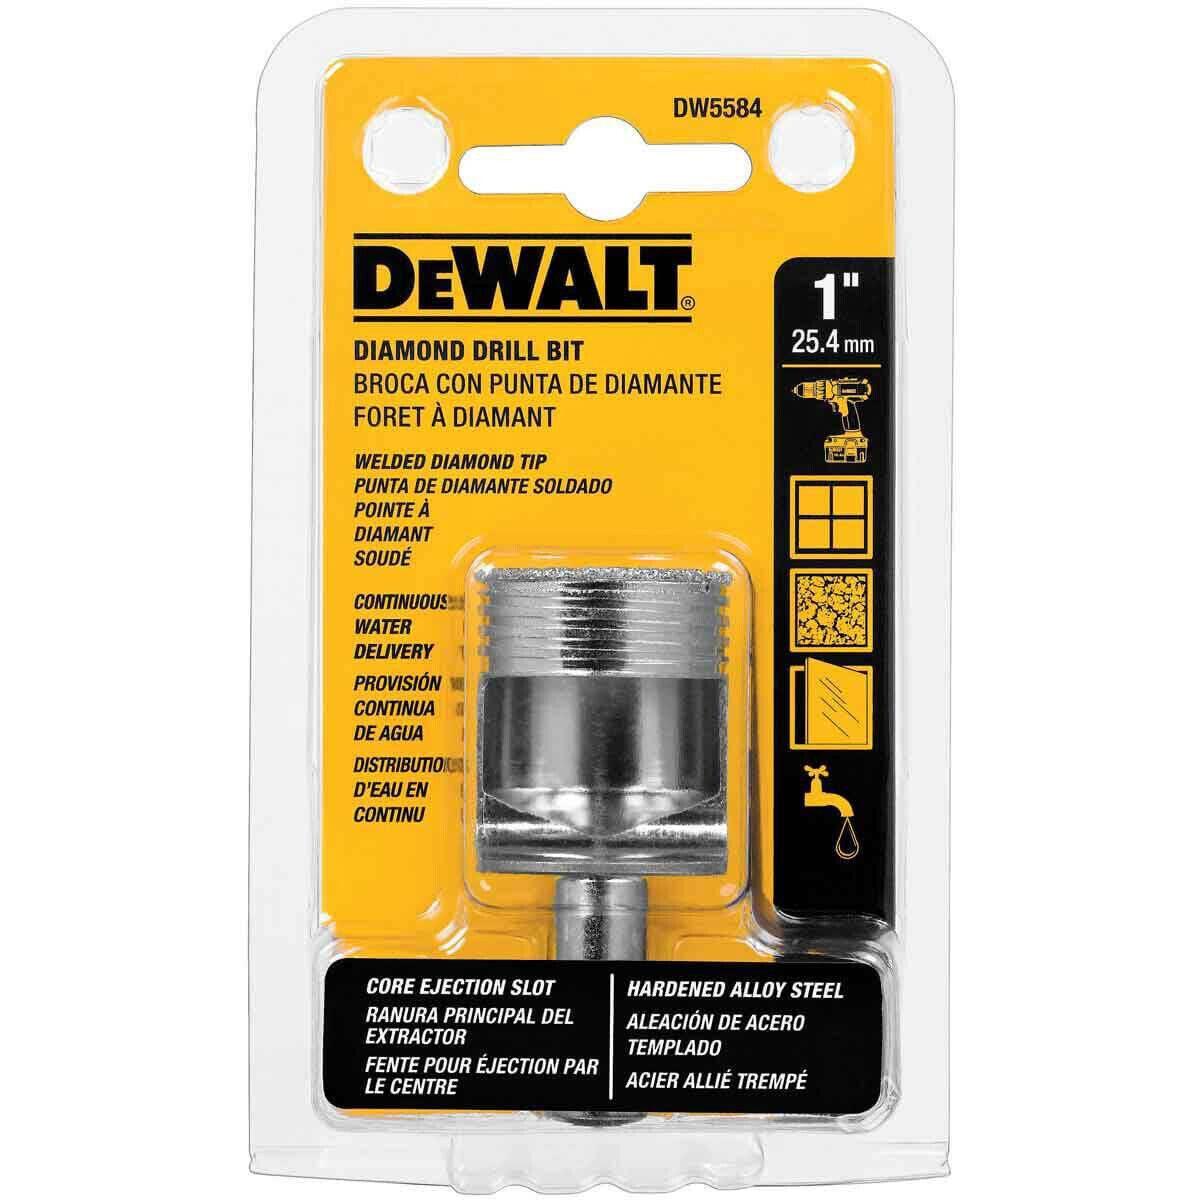 Dewalt DW5584 Diamond Drill Bit